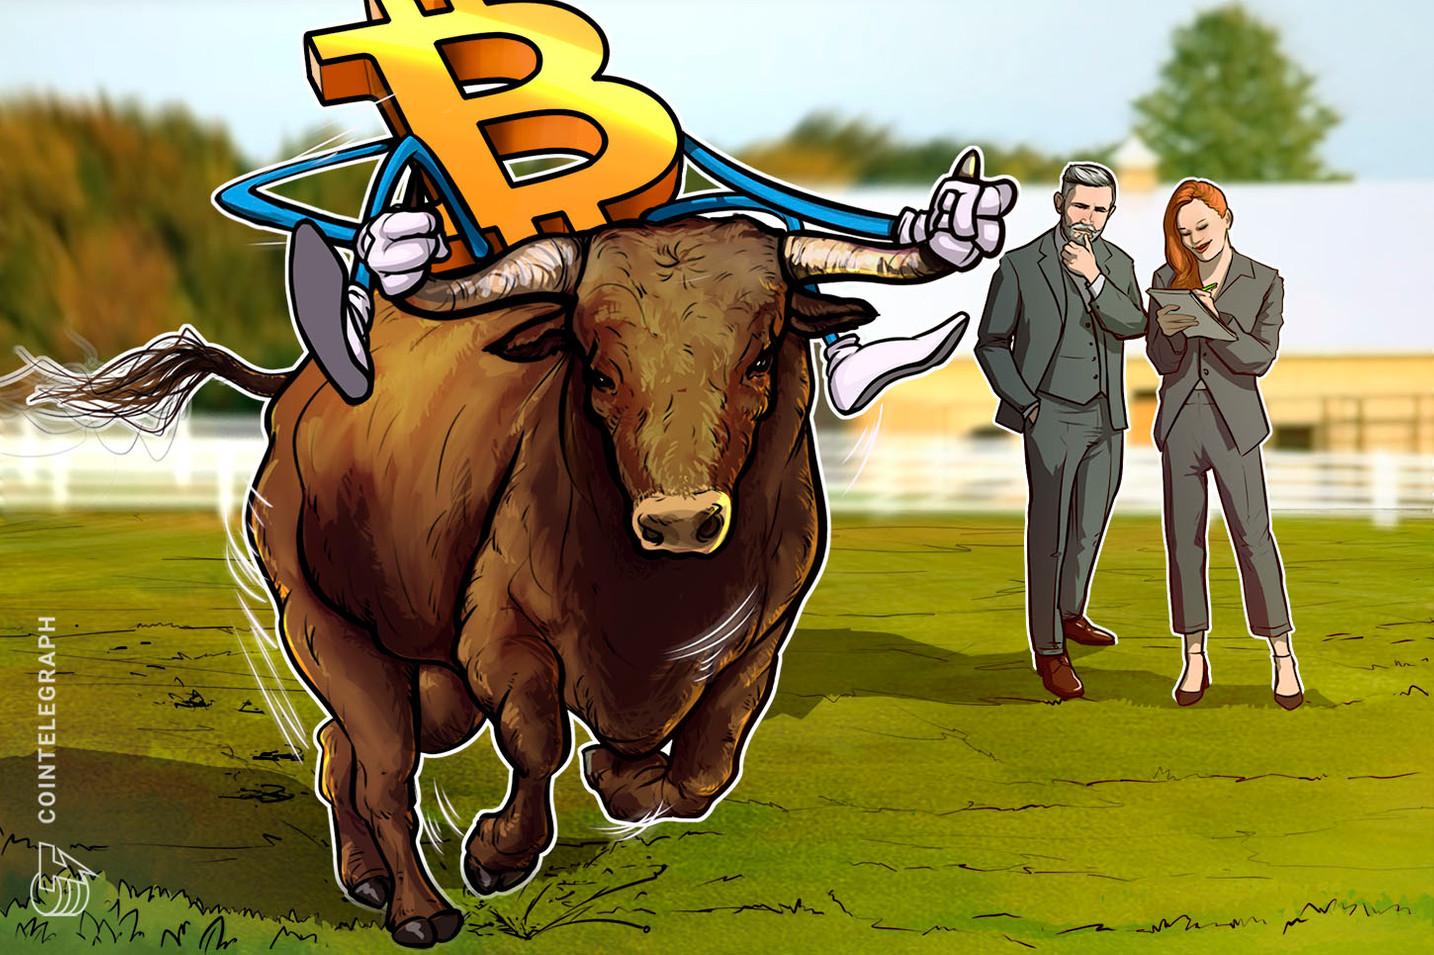 Una subida en el precio de Bitcoin para el 2021 parece probable por cinco factores fundamentales